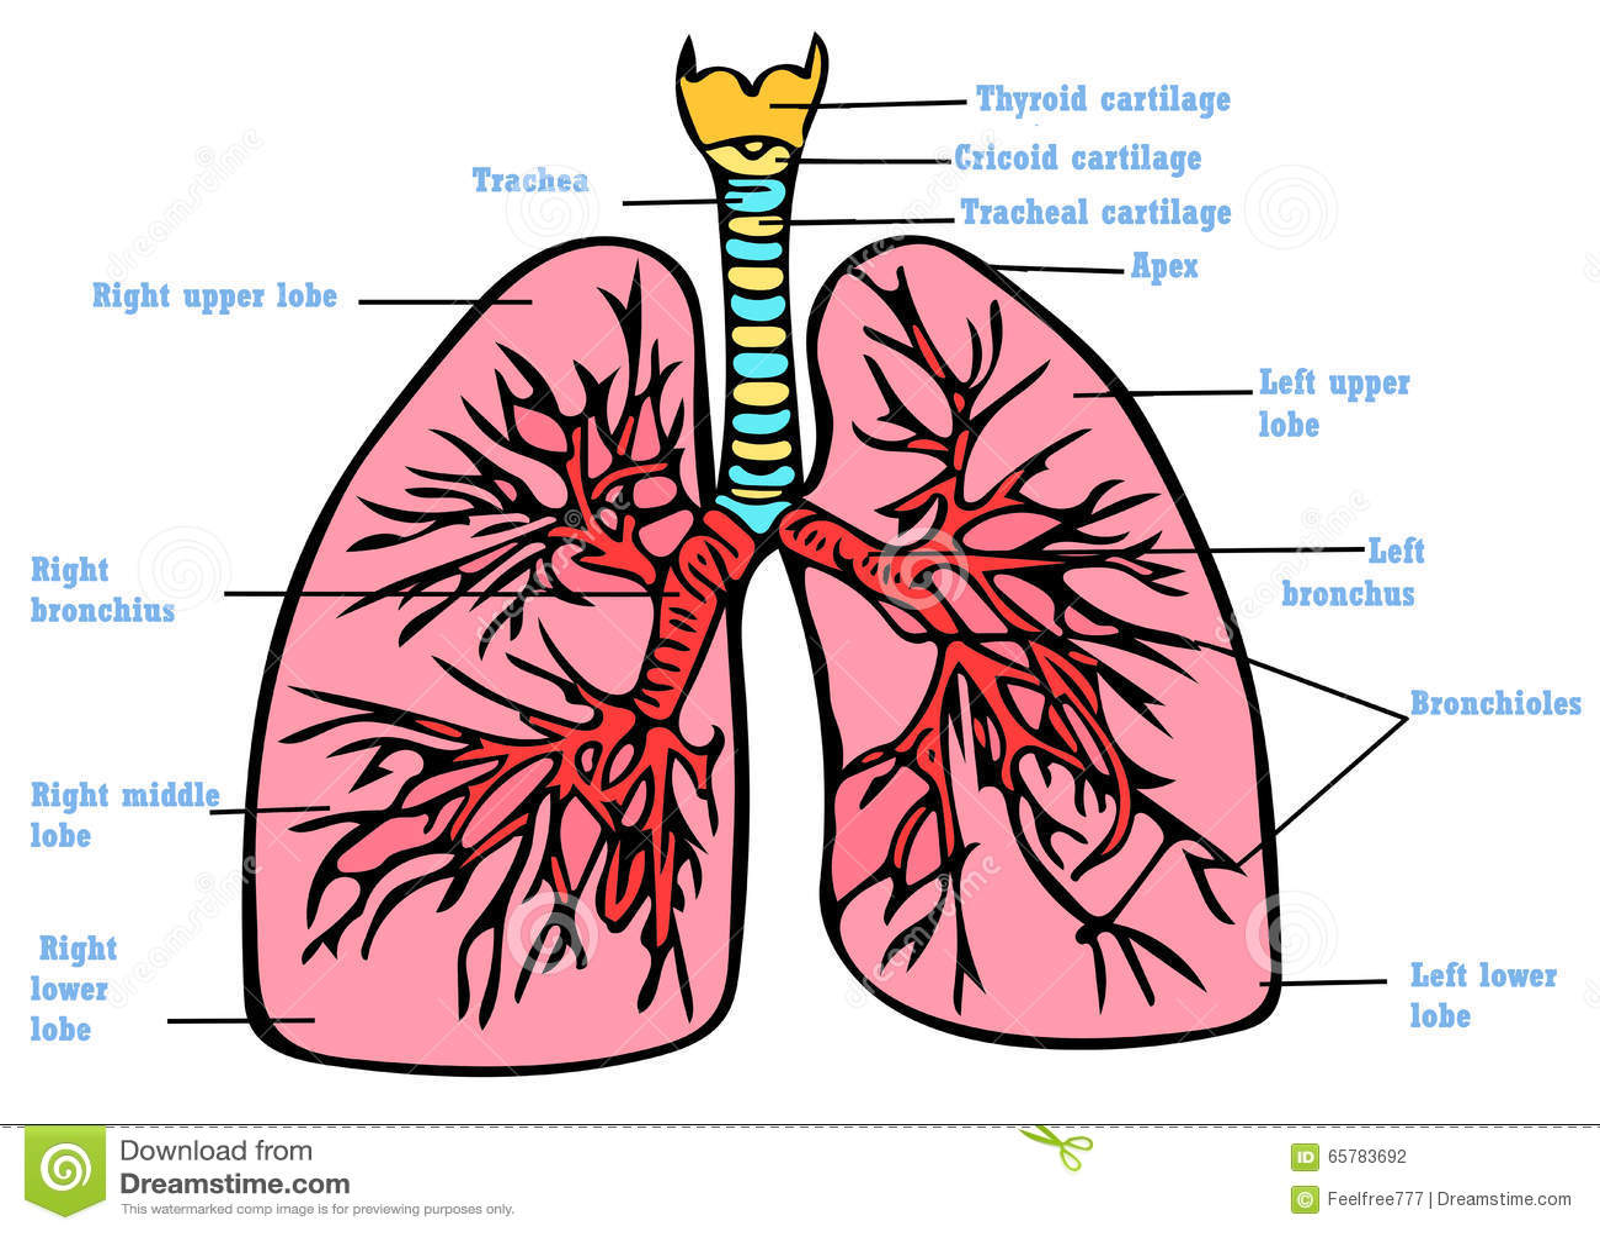 Asombroso Diagrama Pulmones Anatomía Patrón - Imágenes de Anatomía ...